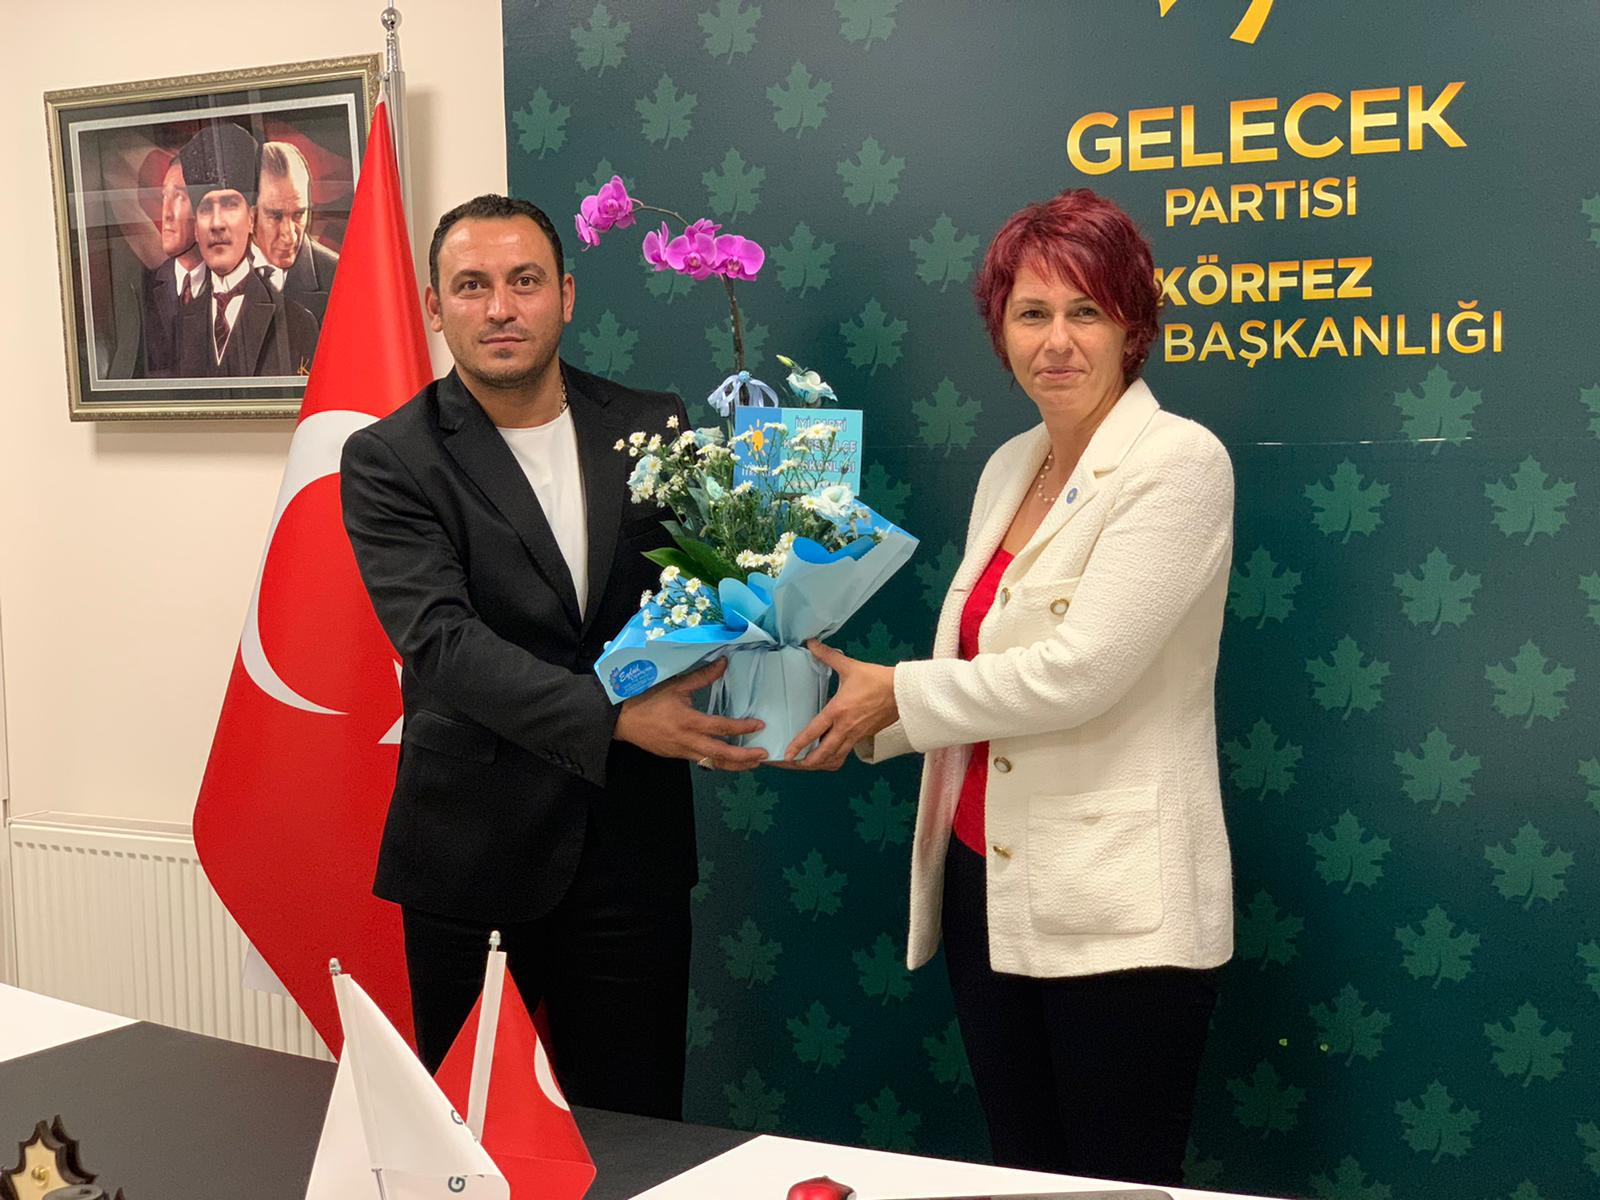 İYİ Parti Yönetiminden  Gelecek Körfez'e Ziyaret